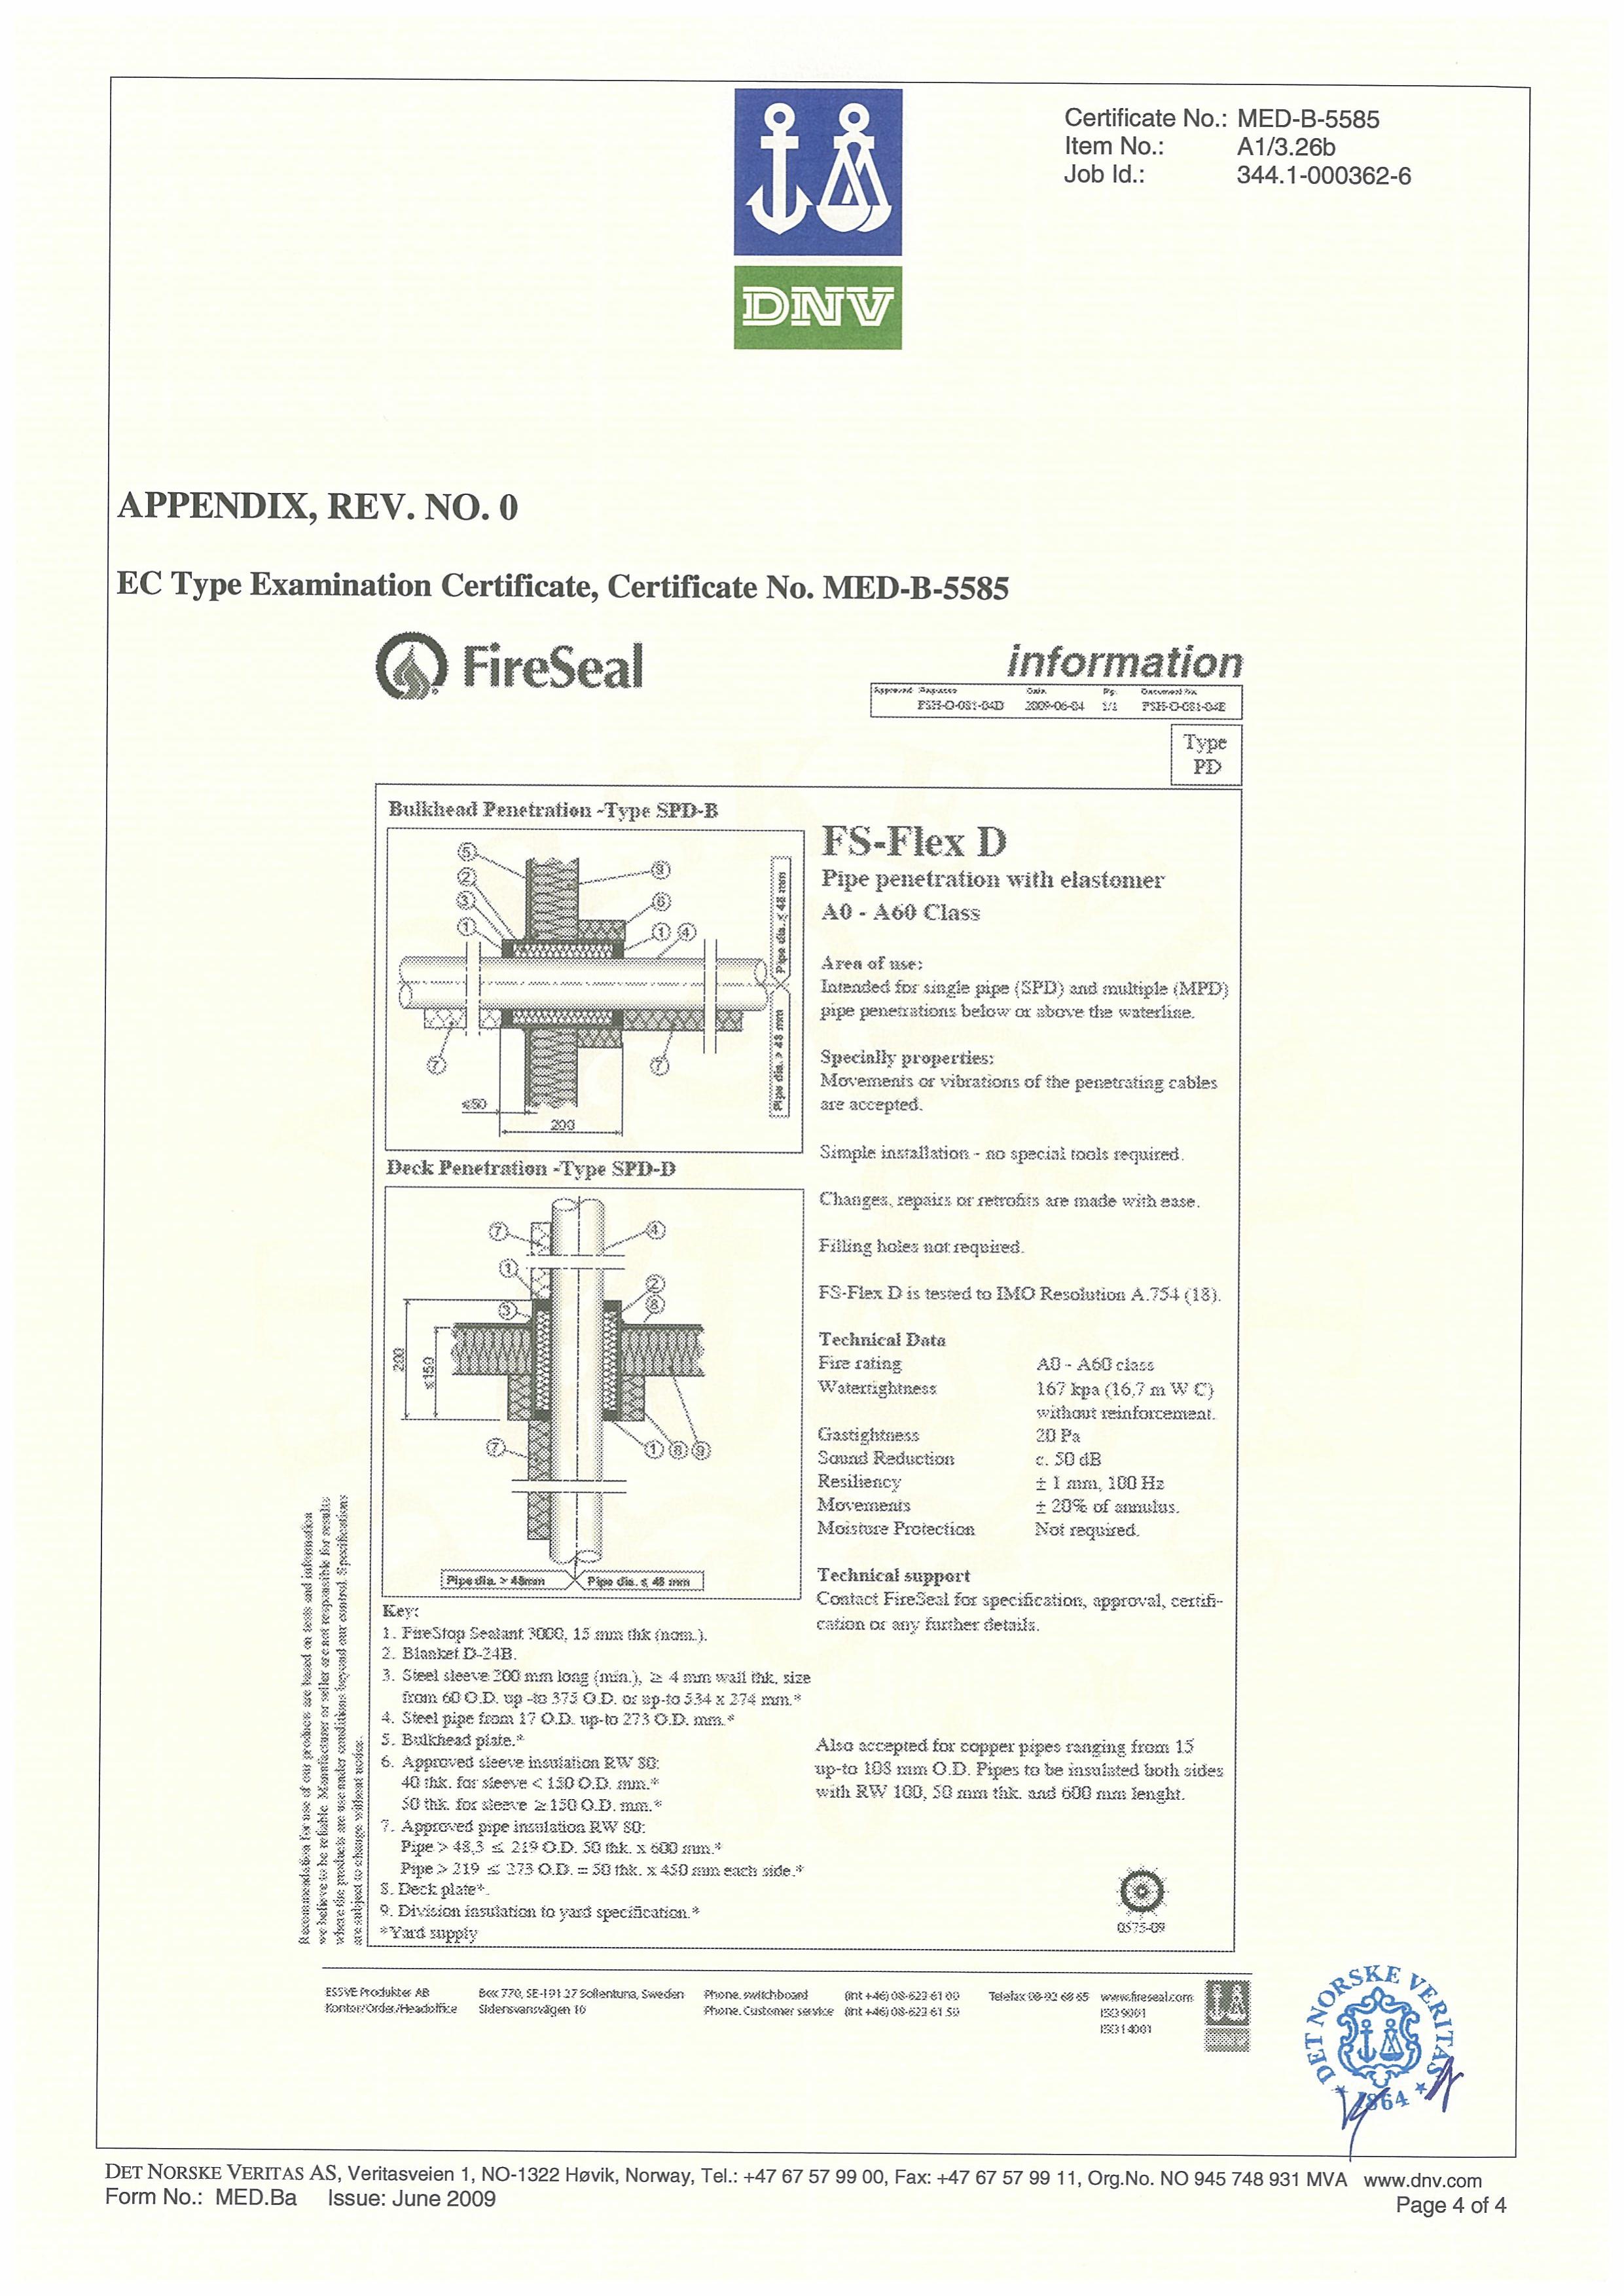 Flex D Pipe A60 TG DNV MED-B-5585-4(4).png